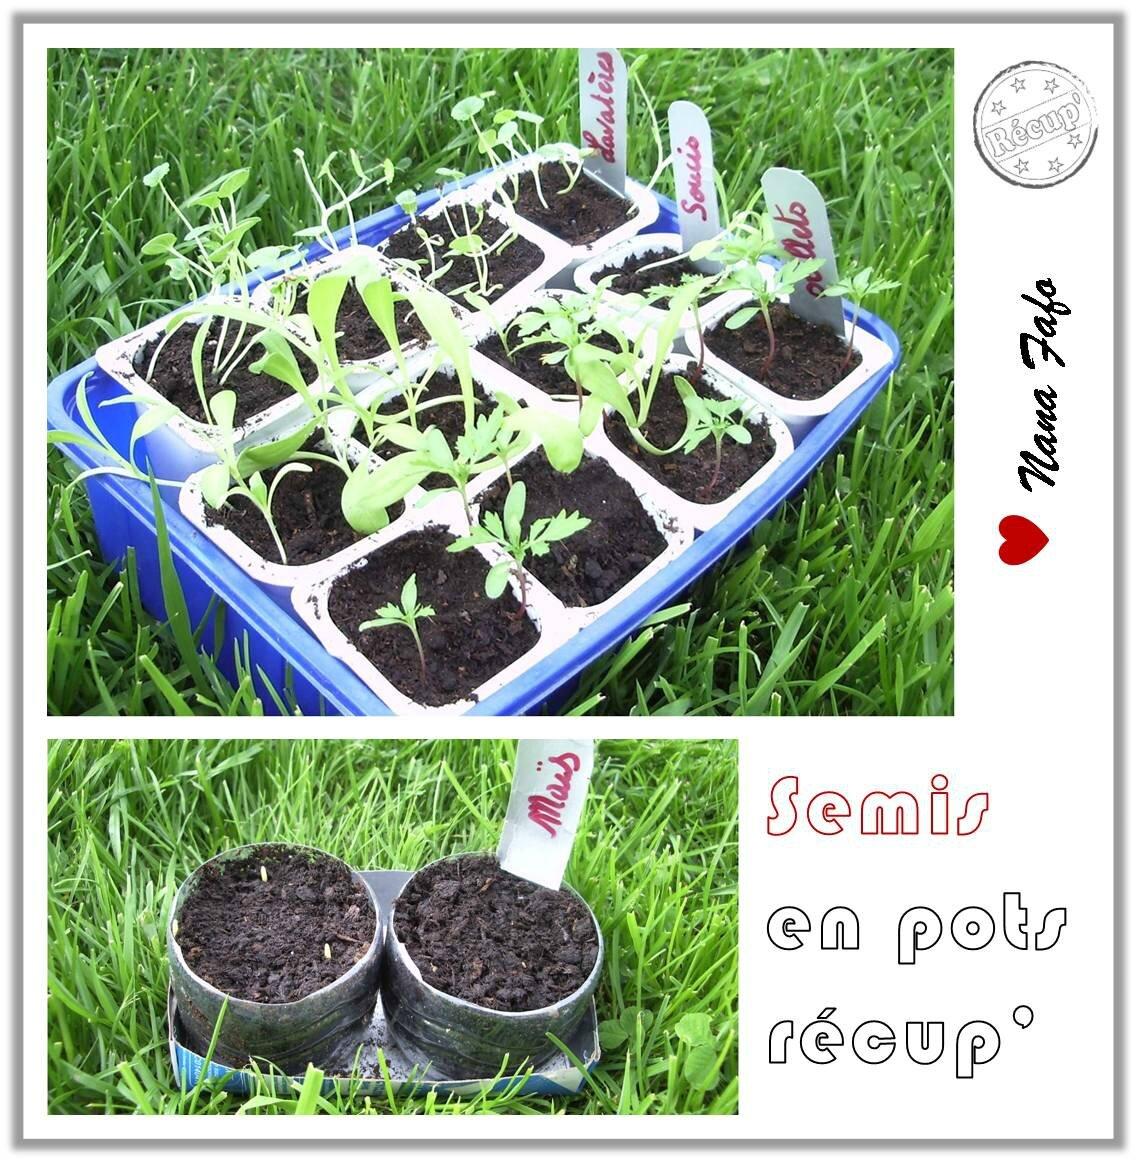 semis en pots01